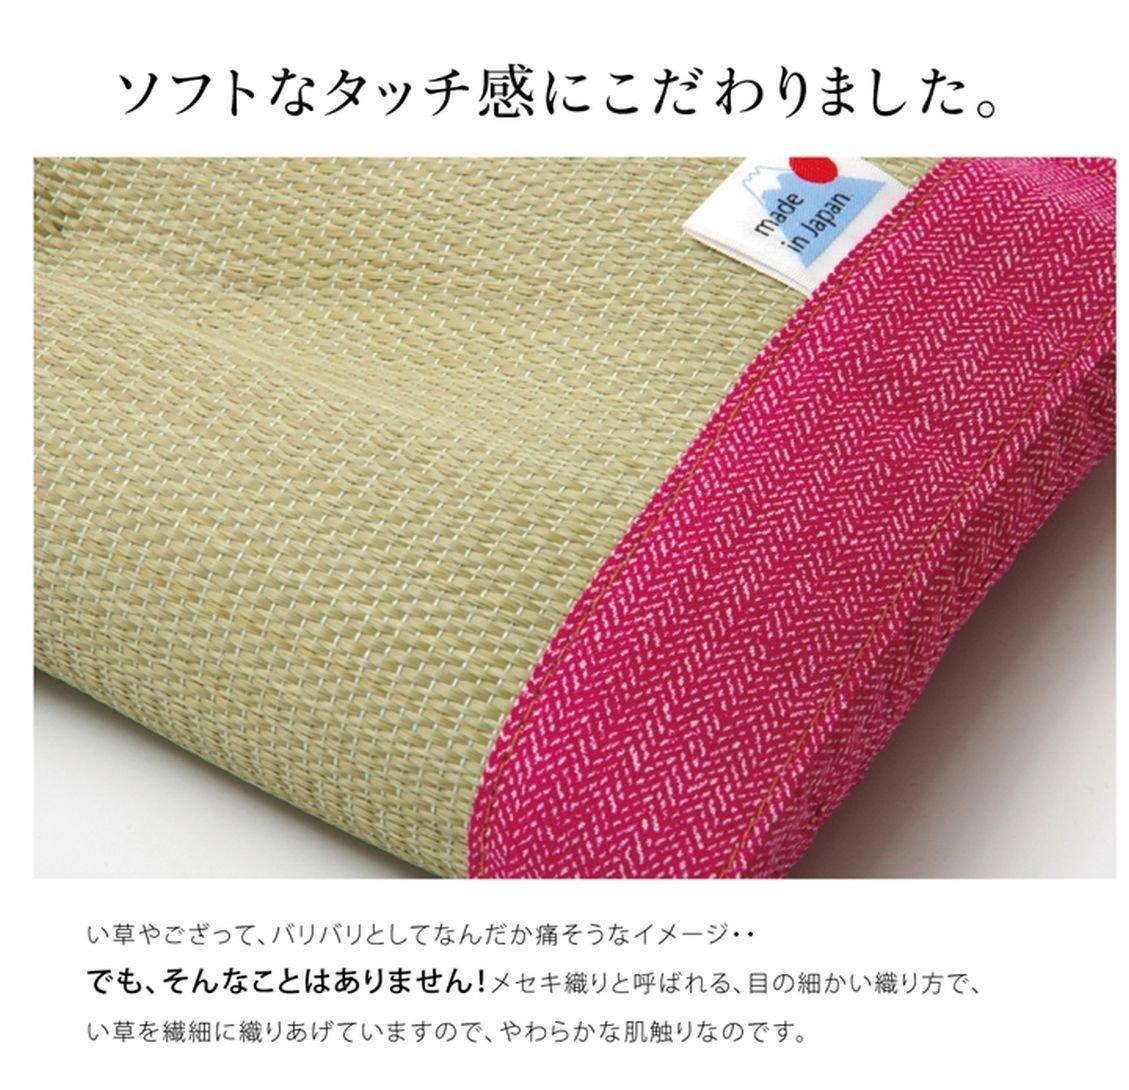 日本IKEHIKO夏日涼感枕頭 / 天然無染 / 九州藺草涼枕 / 枕頭 / 30×20cm / 。2色-日本必買 日本樂天代購(1752*0.2)。件件免運 4